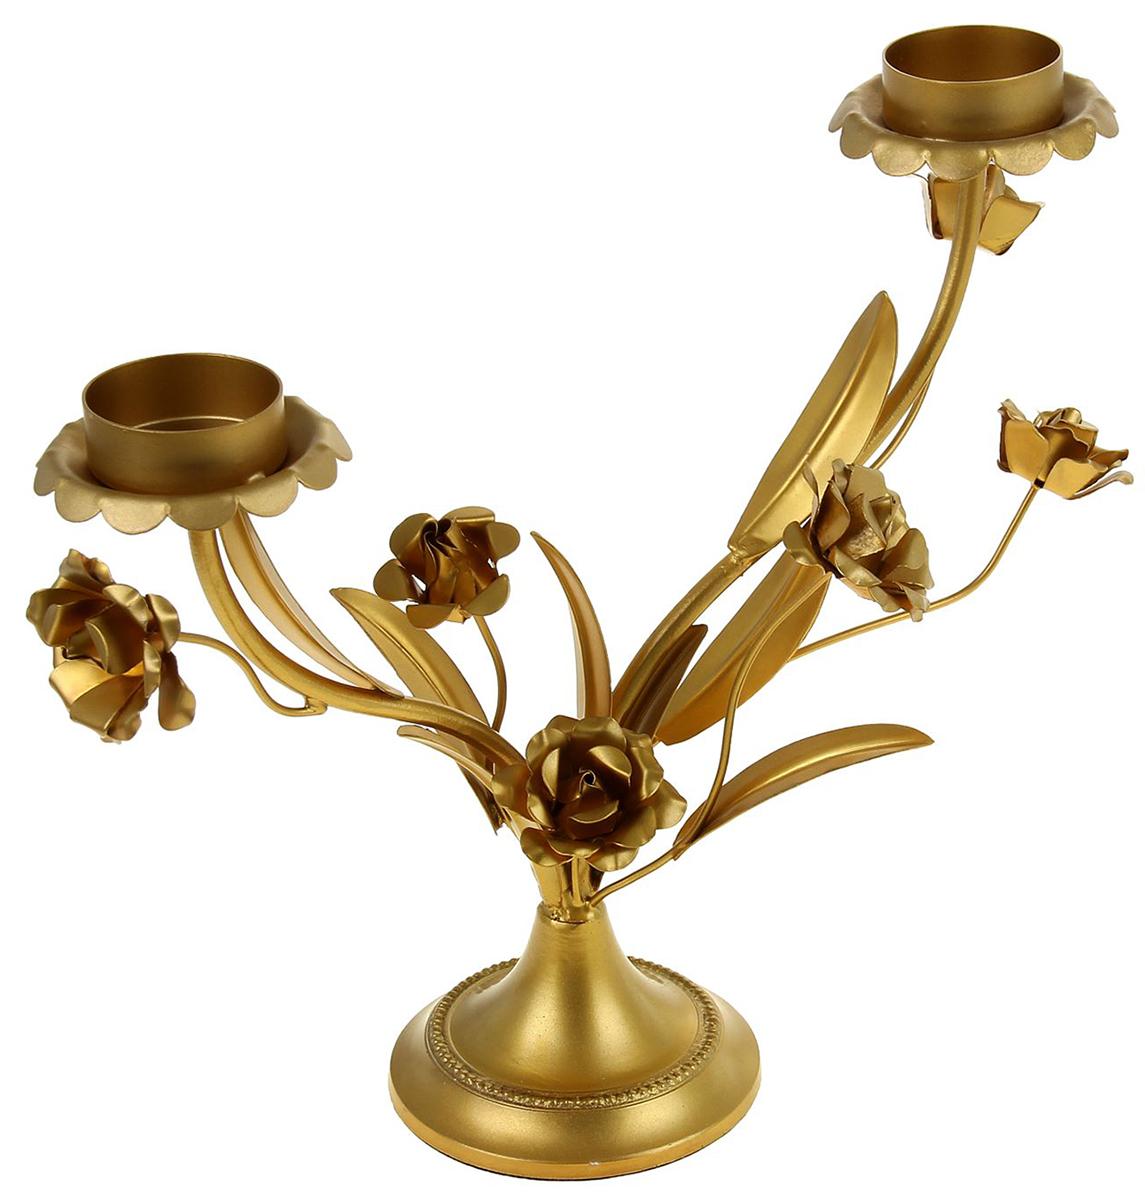 Подсвечник Цветы, цвет: золотистый, 28 х 13 х 26 см1043978Прекрасный Подсвечник на 3 свечи Цветы выполнен из металла и напоминает изысканную кованую композицию. Вы только посмотрите на эти нежные изгибы, утонченные линии грациозных лепестков... Все это кажется таким легким и воздушным. Хотя если взять этот невероятный подсвечник в руки, то Вы наверняка почувствуете тяжесть металла.Поставьте этот прелестный аксессуар в гостином зале, каминной комнате, личном кабинете своего офиса или же в спальне. Зажгите свечи и Вы увидите живописные тени в полумраке комнаты. Насладитесь приятной обстановкой после тяжелого рабочего дня или устройте романтический ужин при свечах со своей второй половинкой.